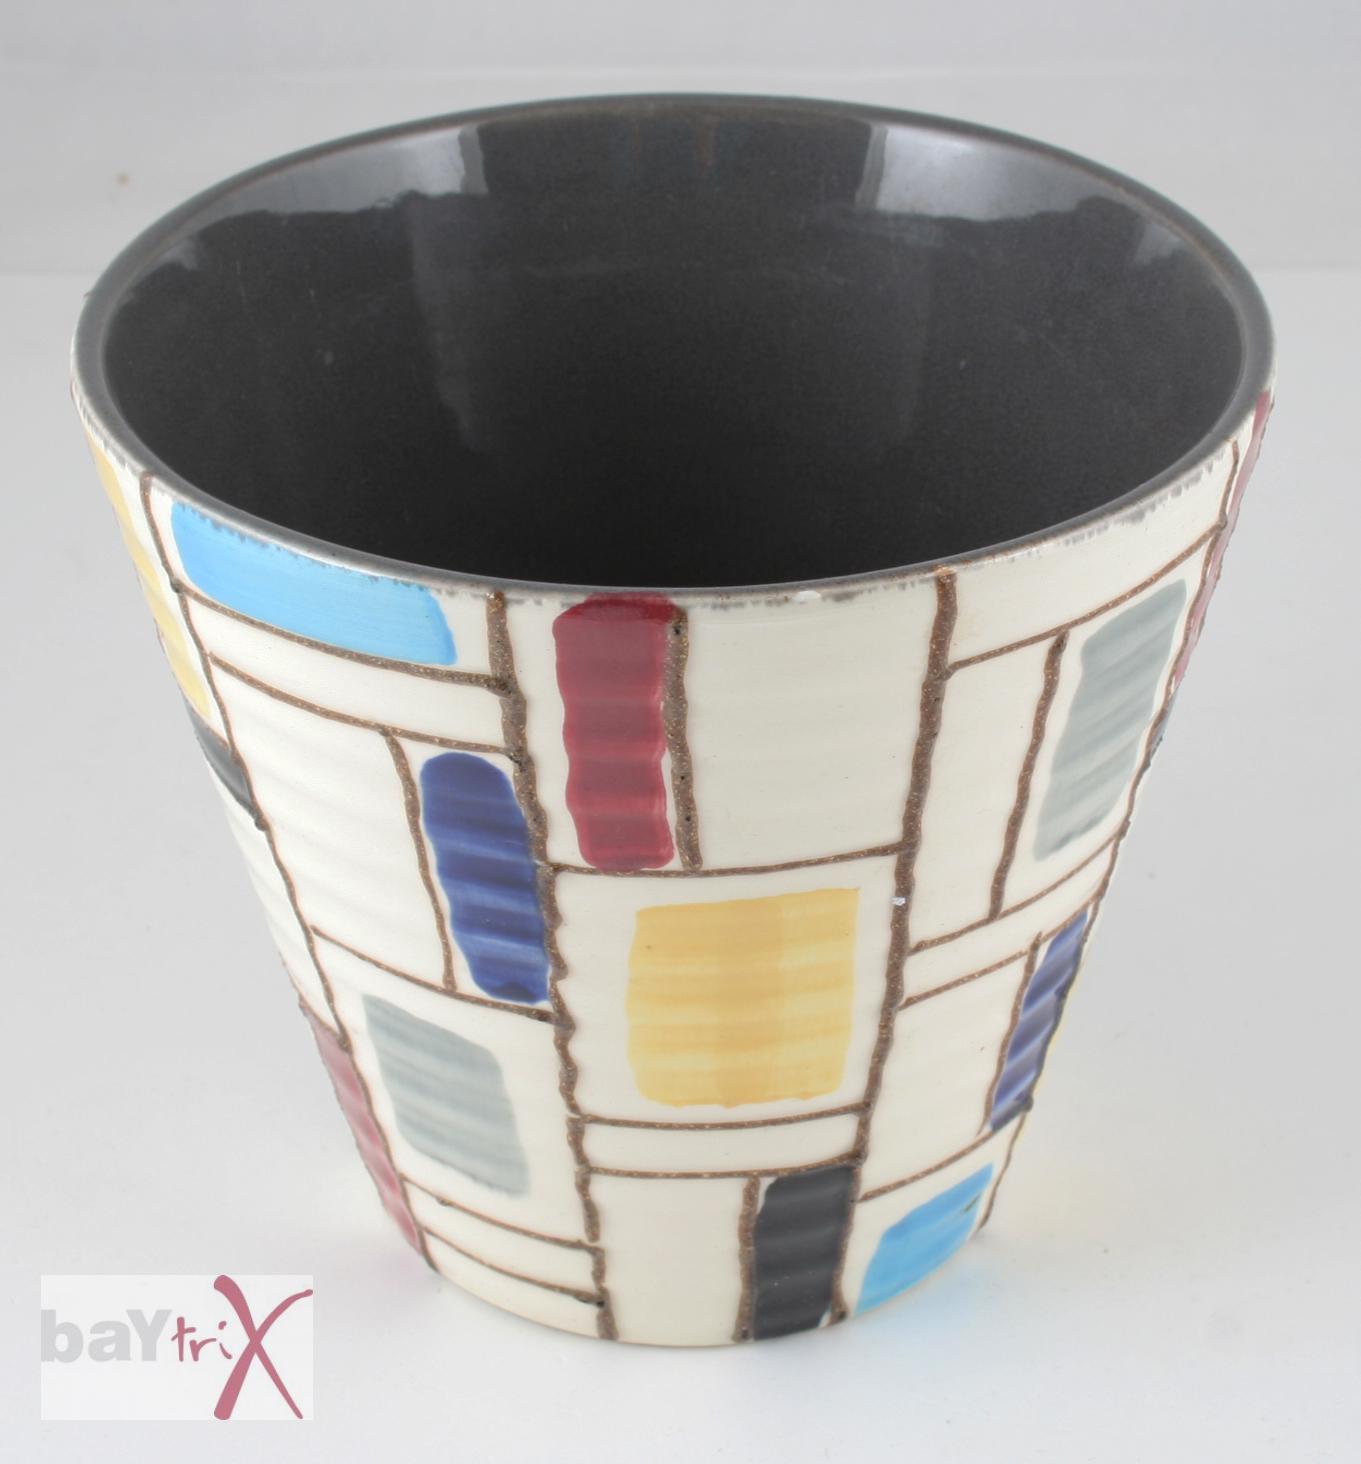 Strehla bertopf blumentopf keramik veb handgemalt ddr gdr for Blumentopf keramik